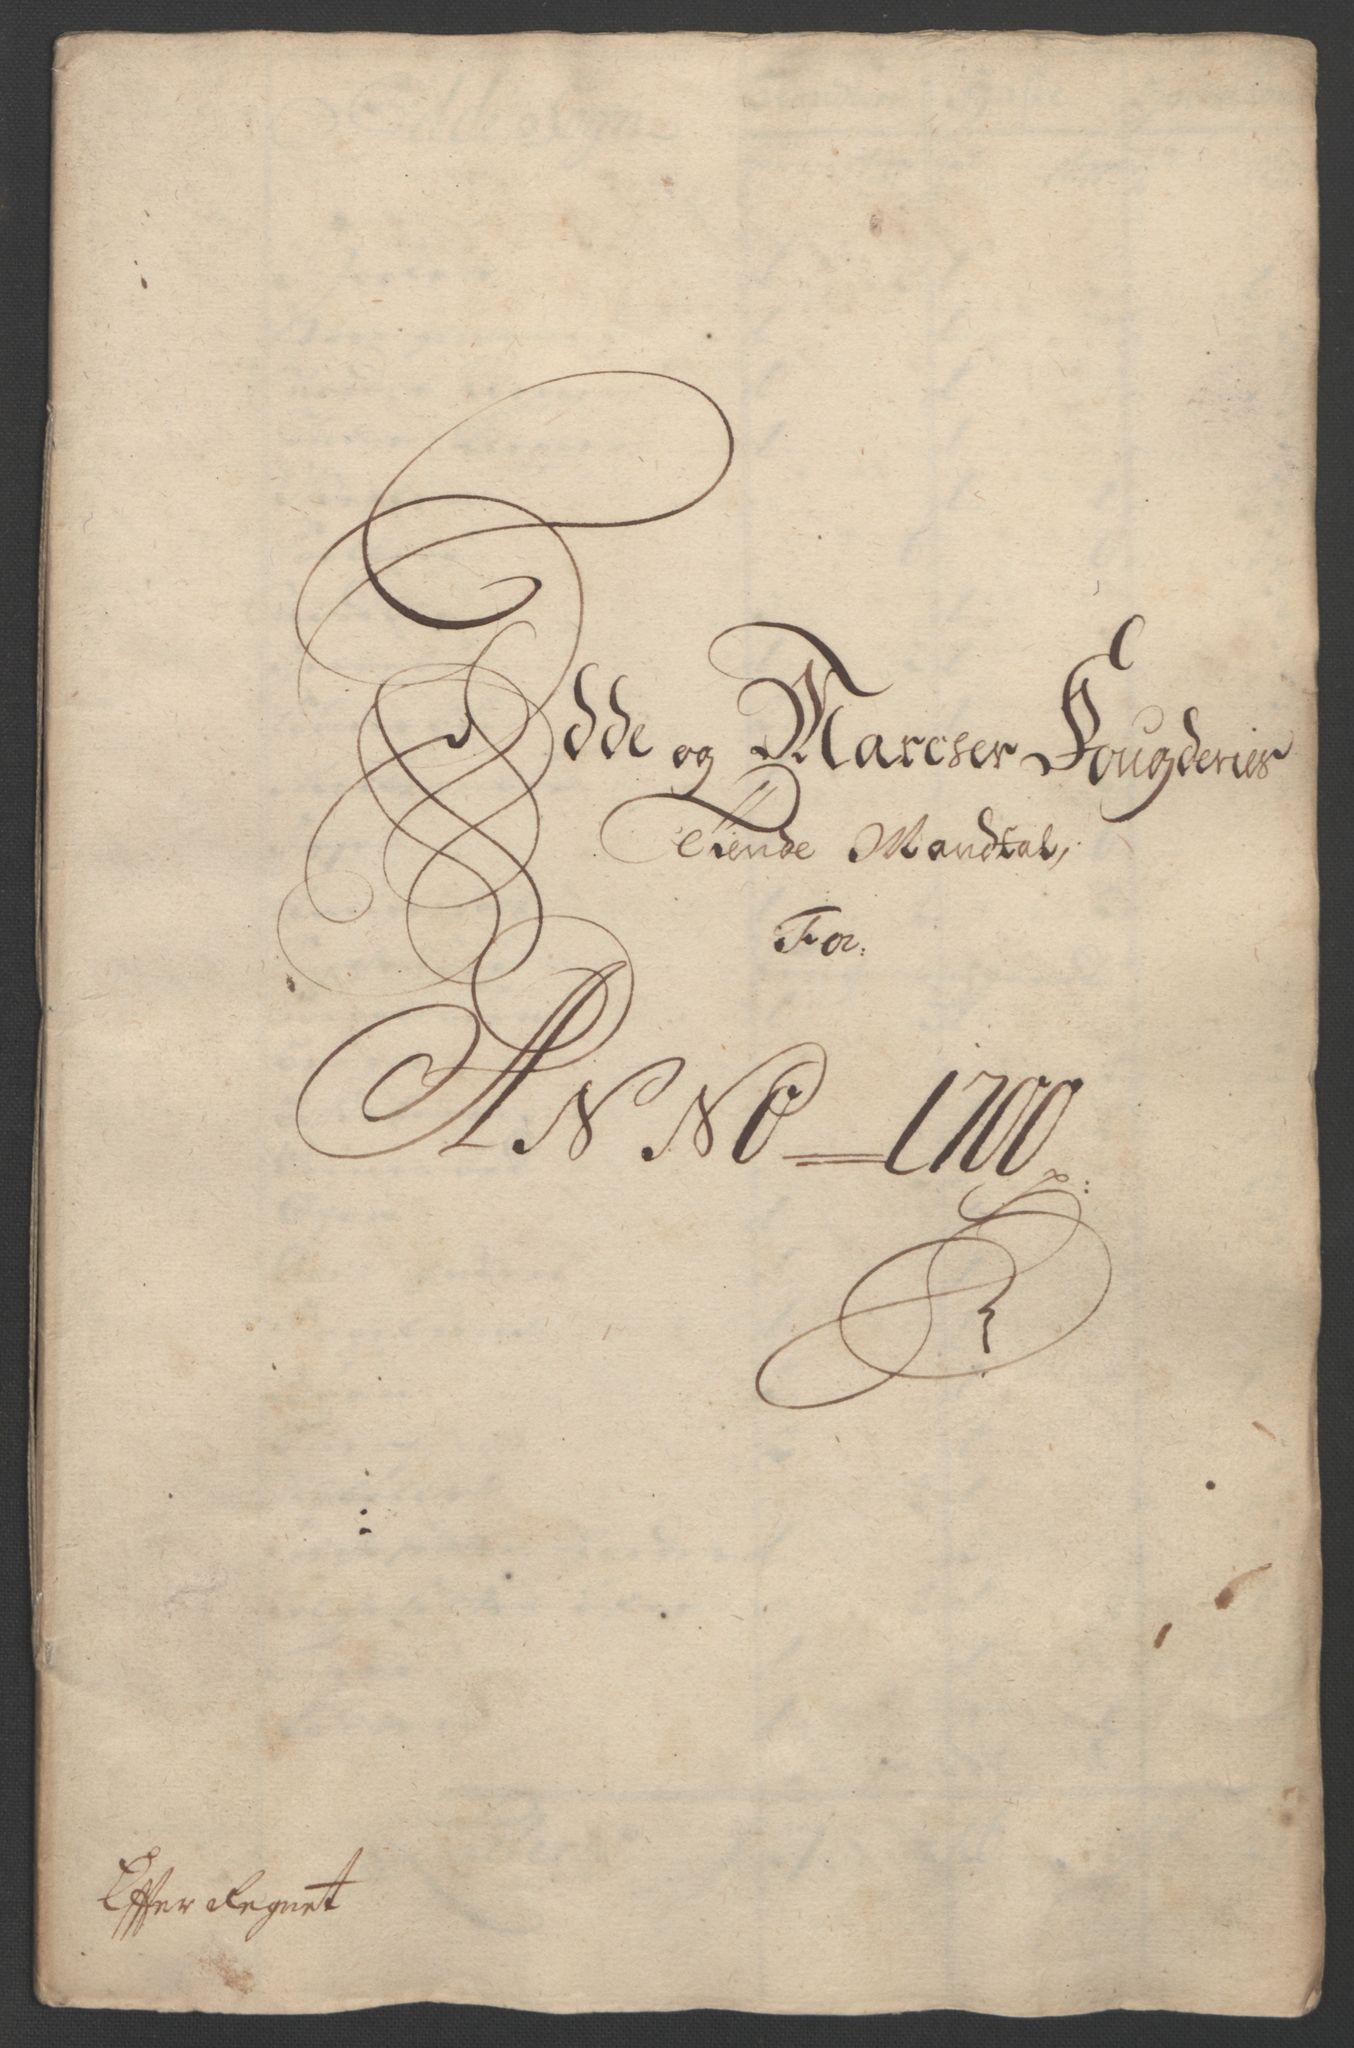 RA, Rentekammeret inntil 1814, Reviderte regnskaper, Fogderegnskap, R01/L0015: Fogderegnskap Idd og Marker, 1700-1701, s. 56